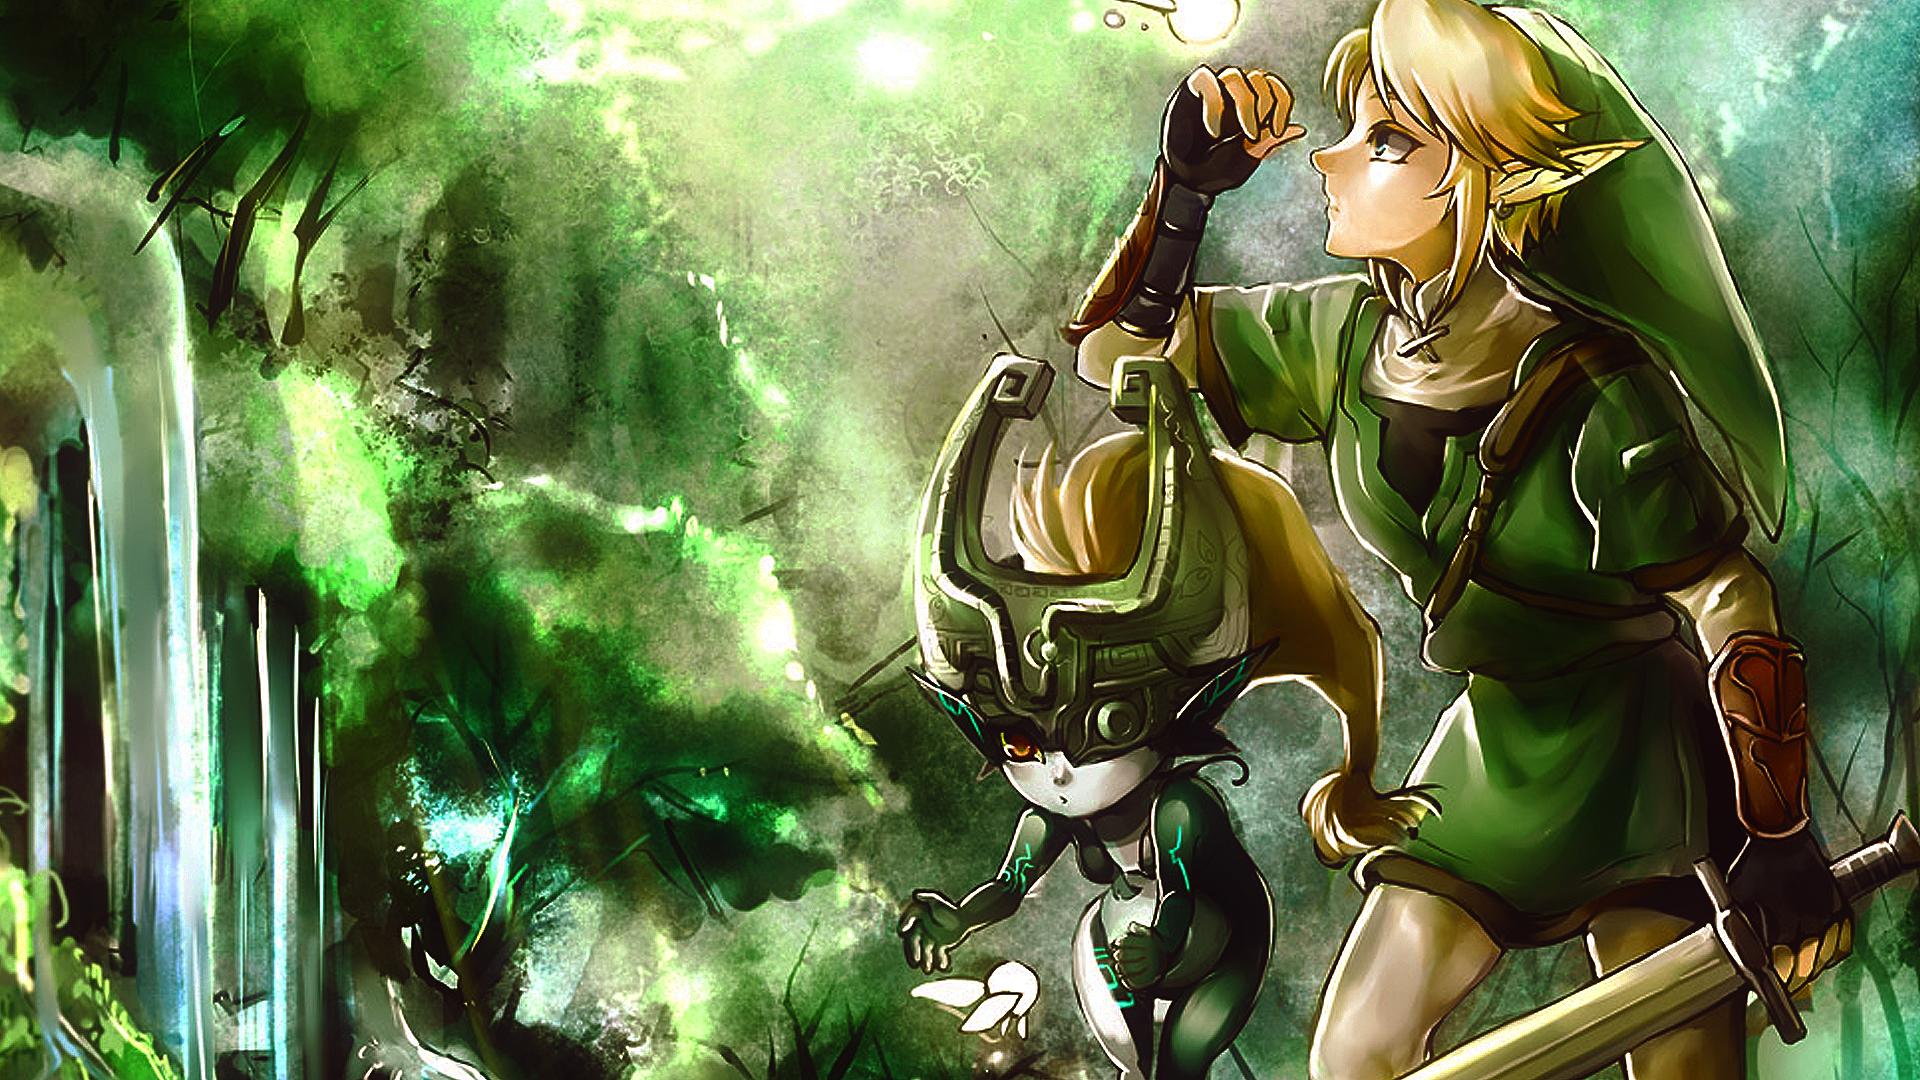 Midna | Zeldapedia | FANDOM powered by Wikia